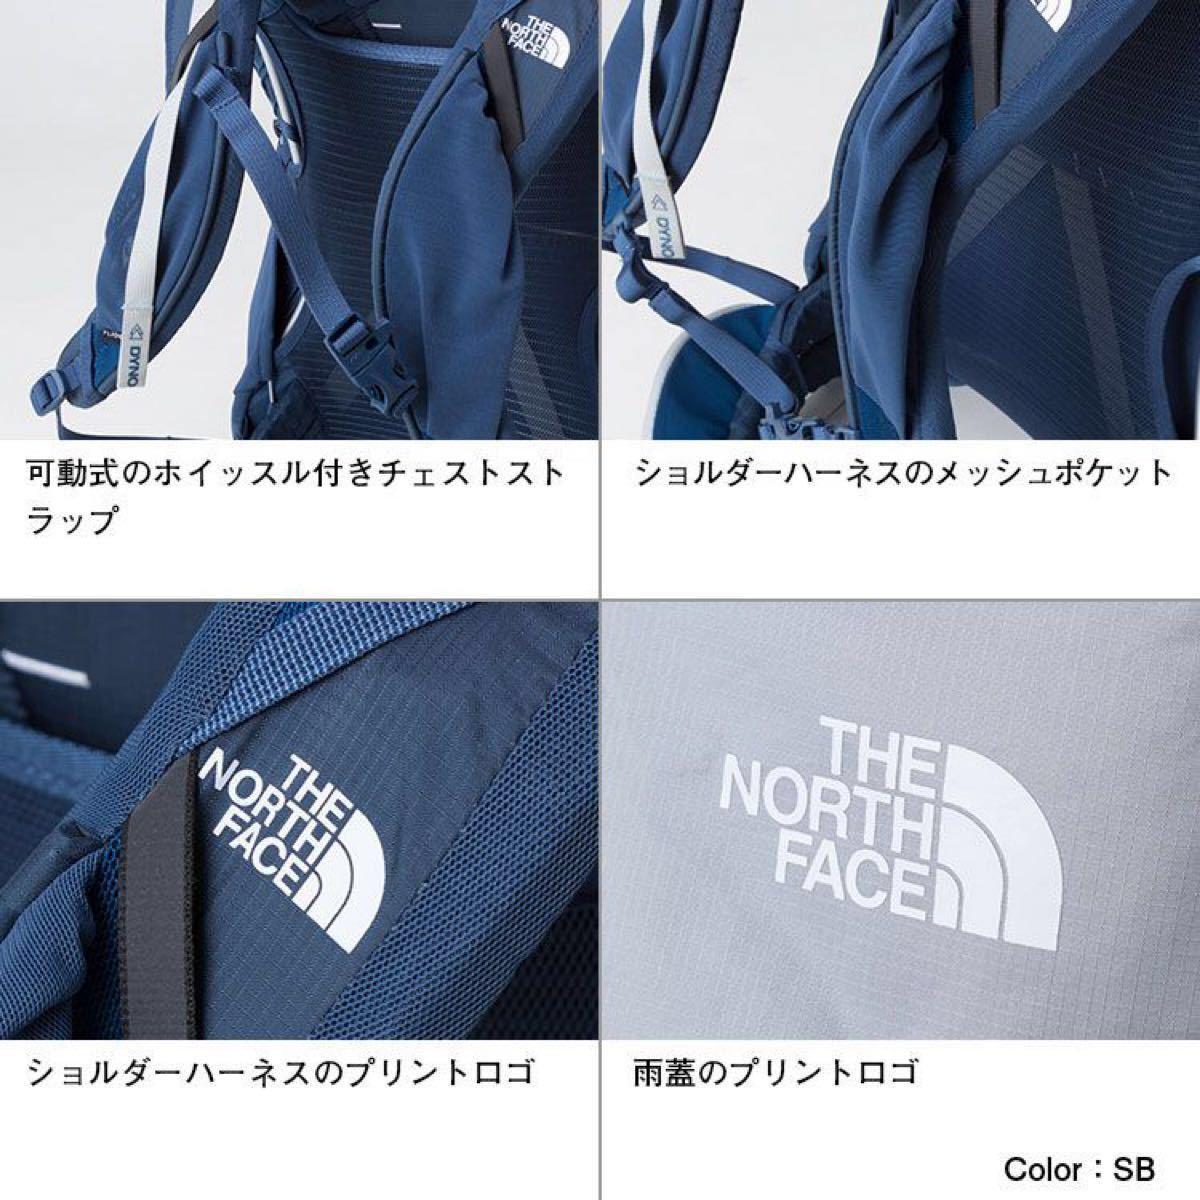 THE NORTH FACEノースフェイス リュック バンチー50青 レディース